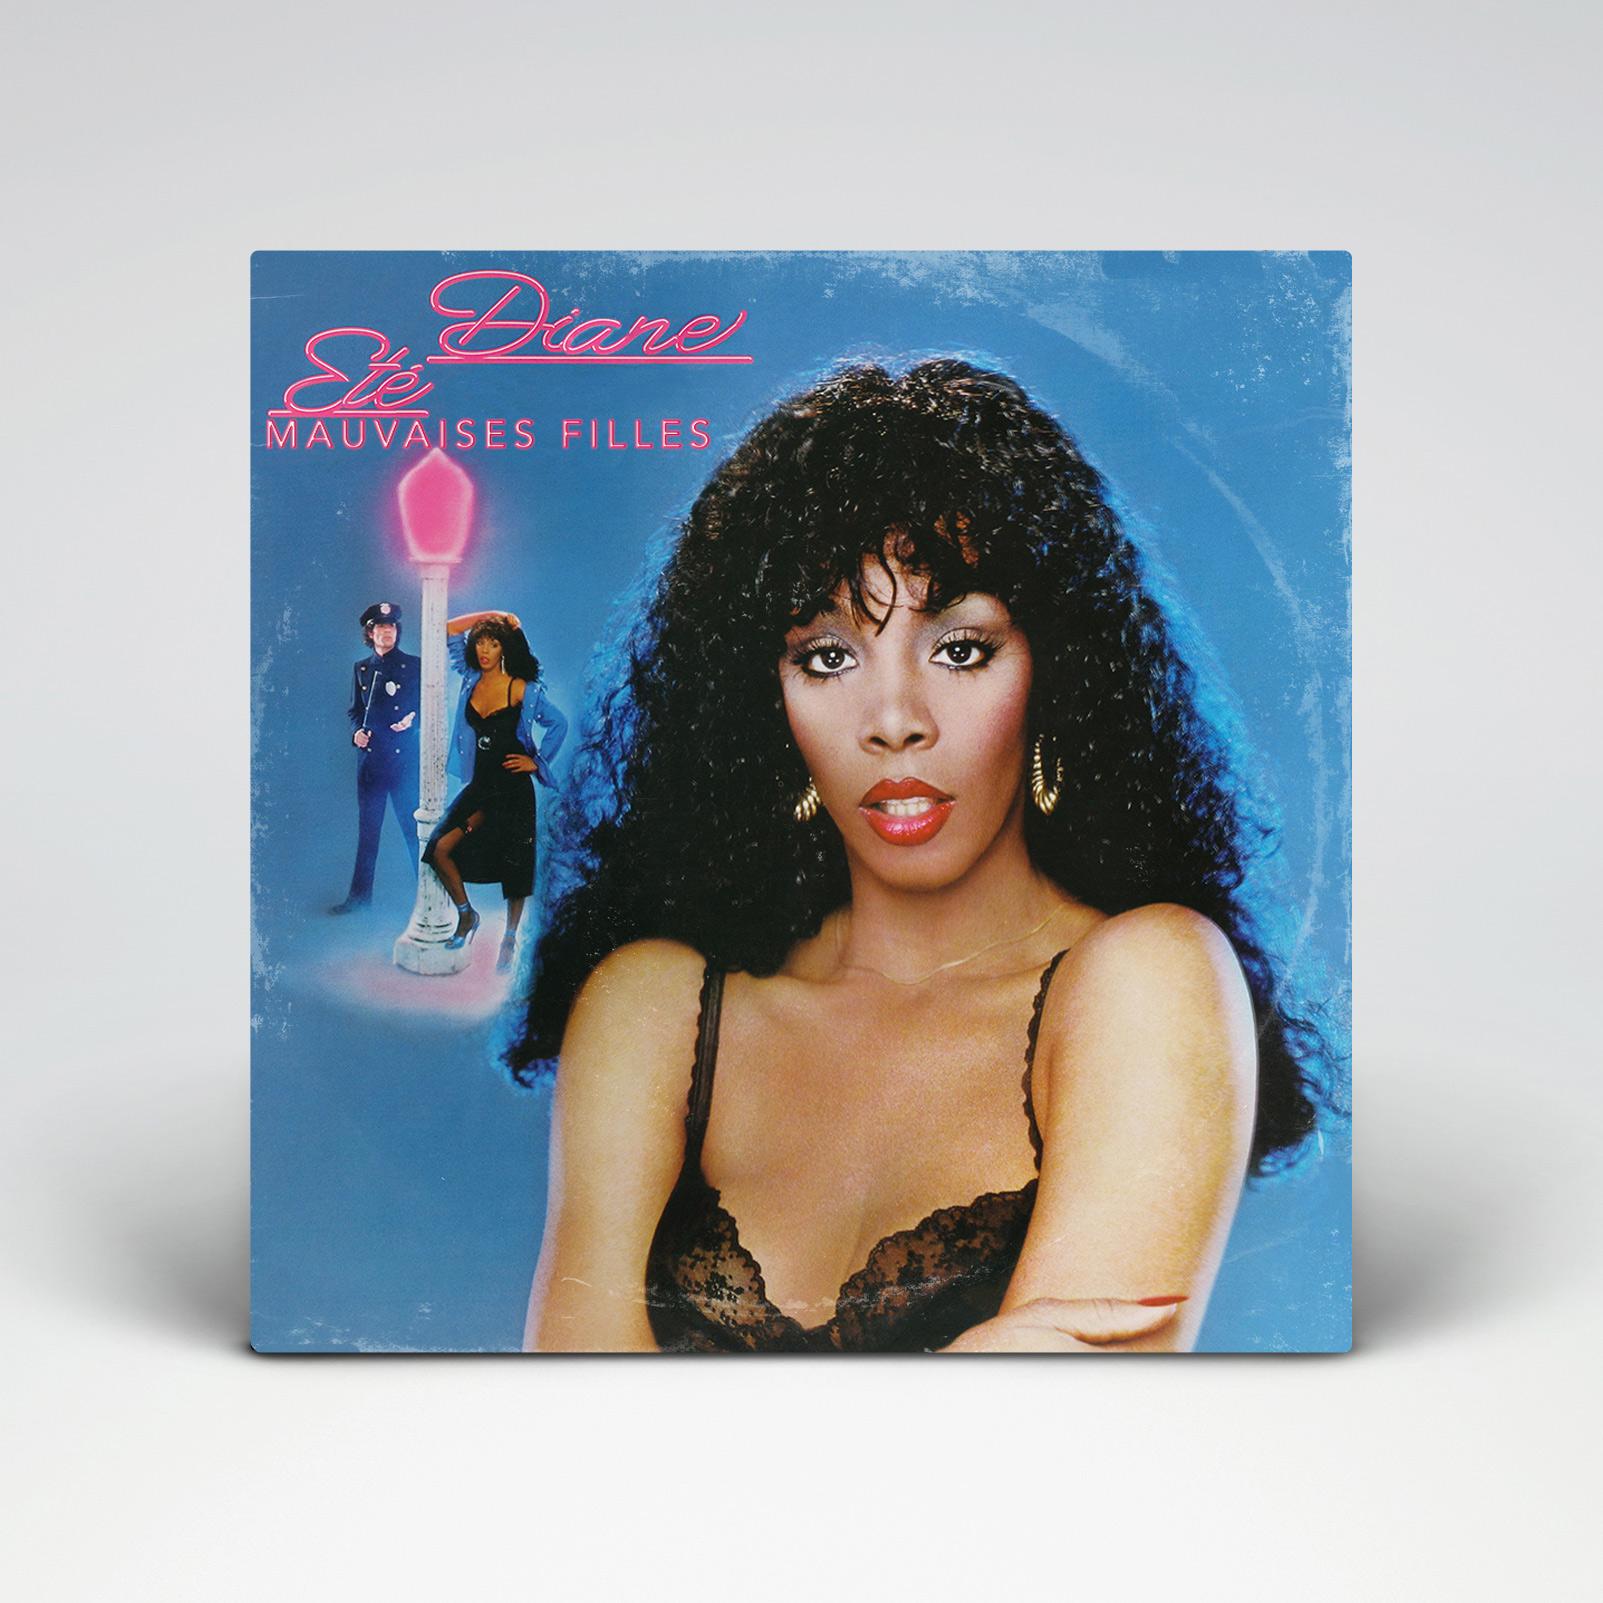 Donna Summer - Bad Girls (1979)